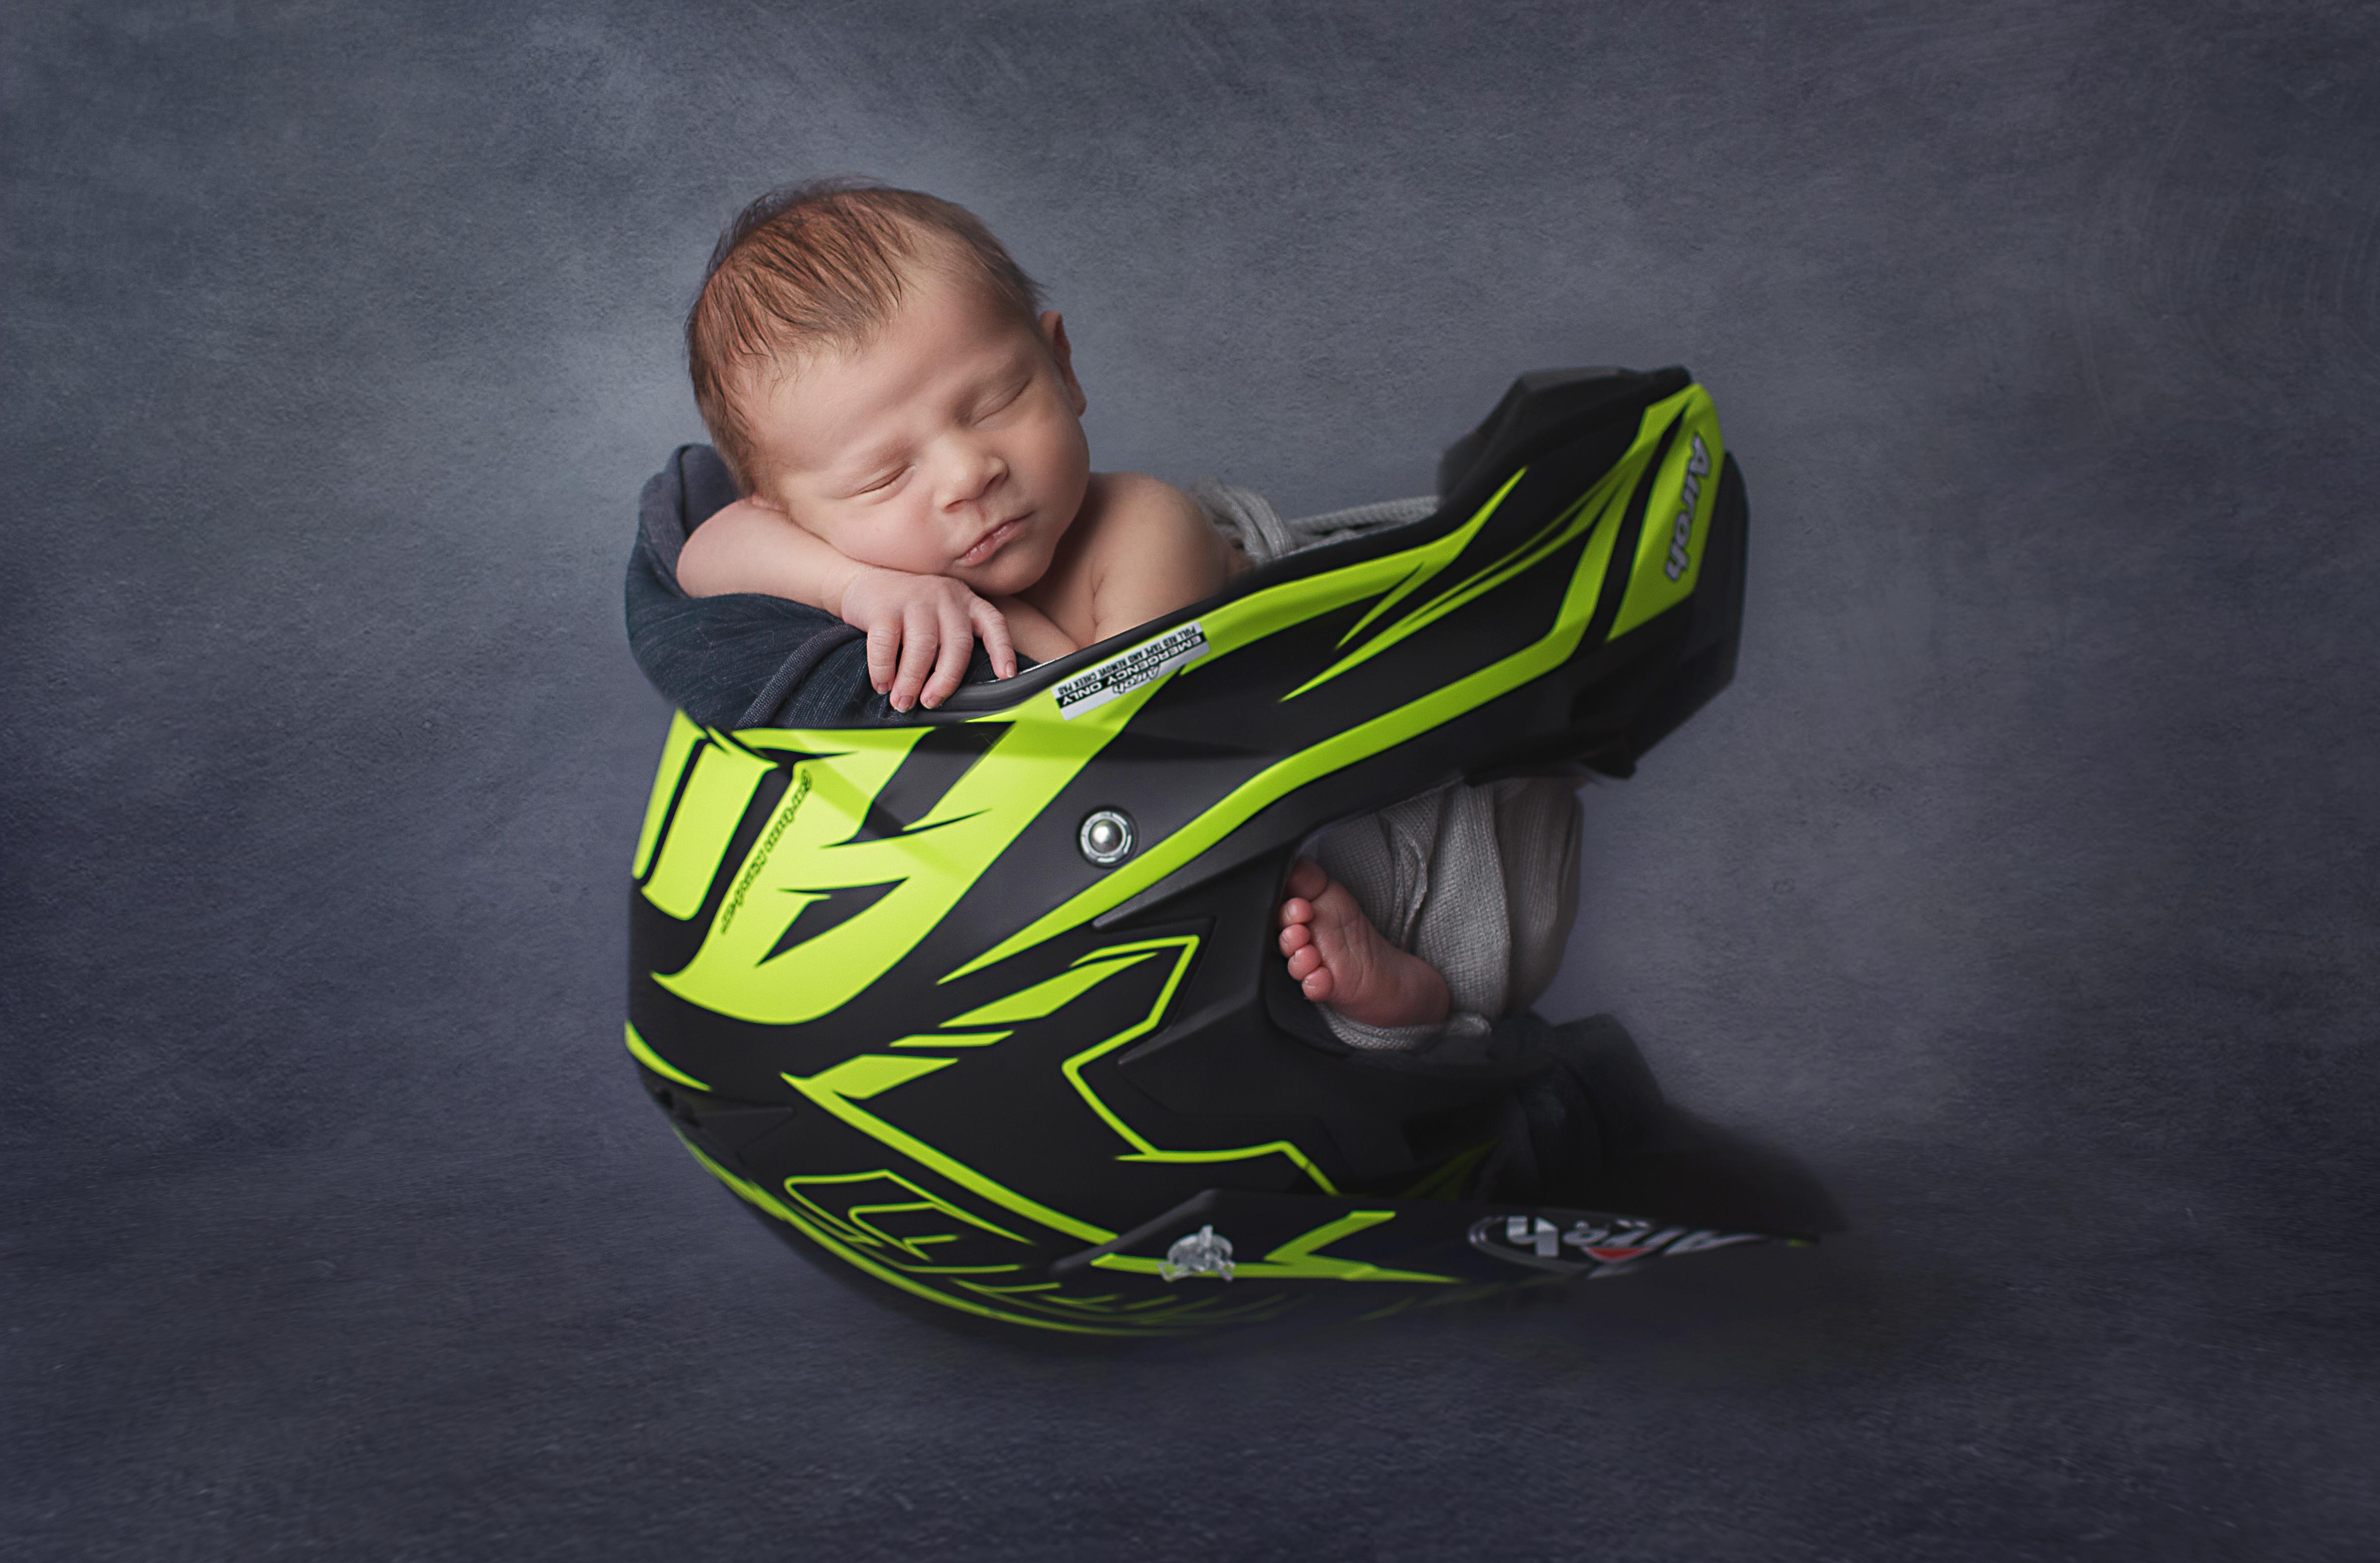 helmetcomp2